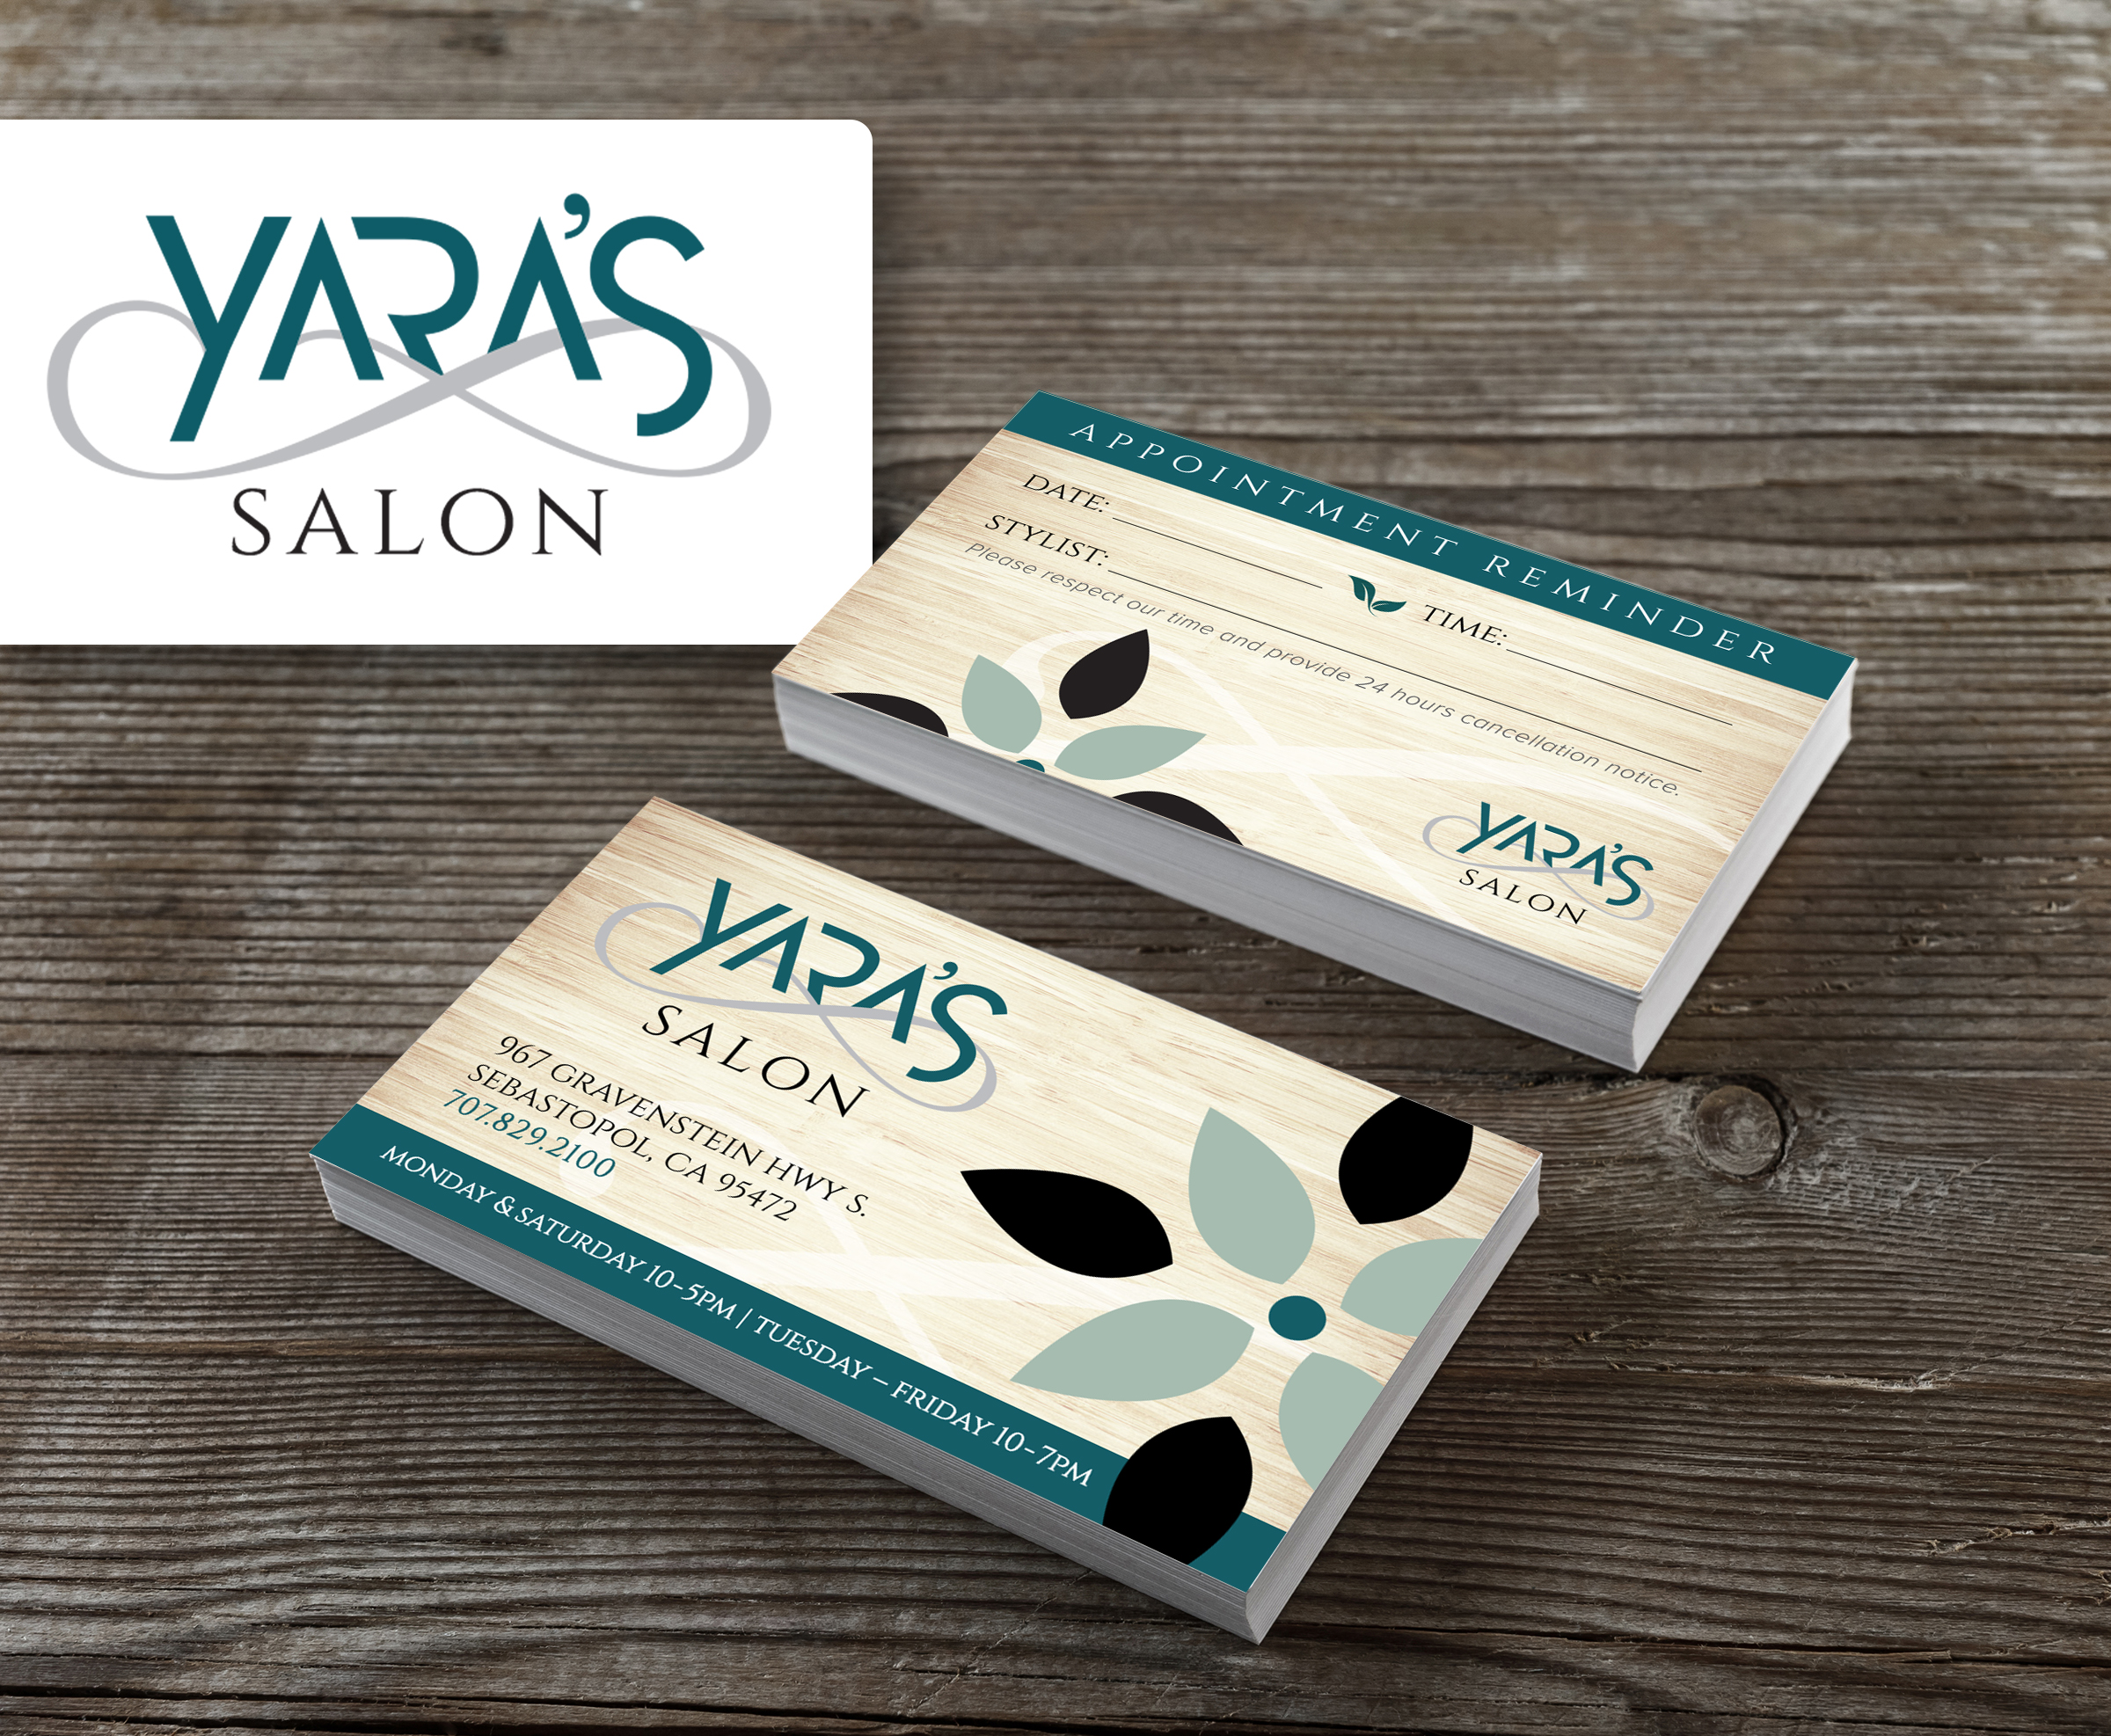 Yaras Hair Salon